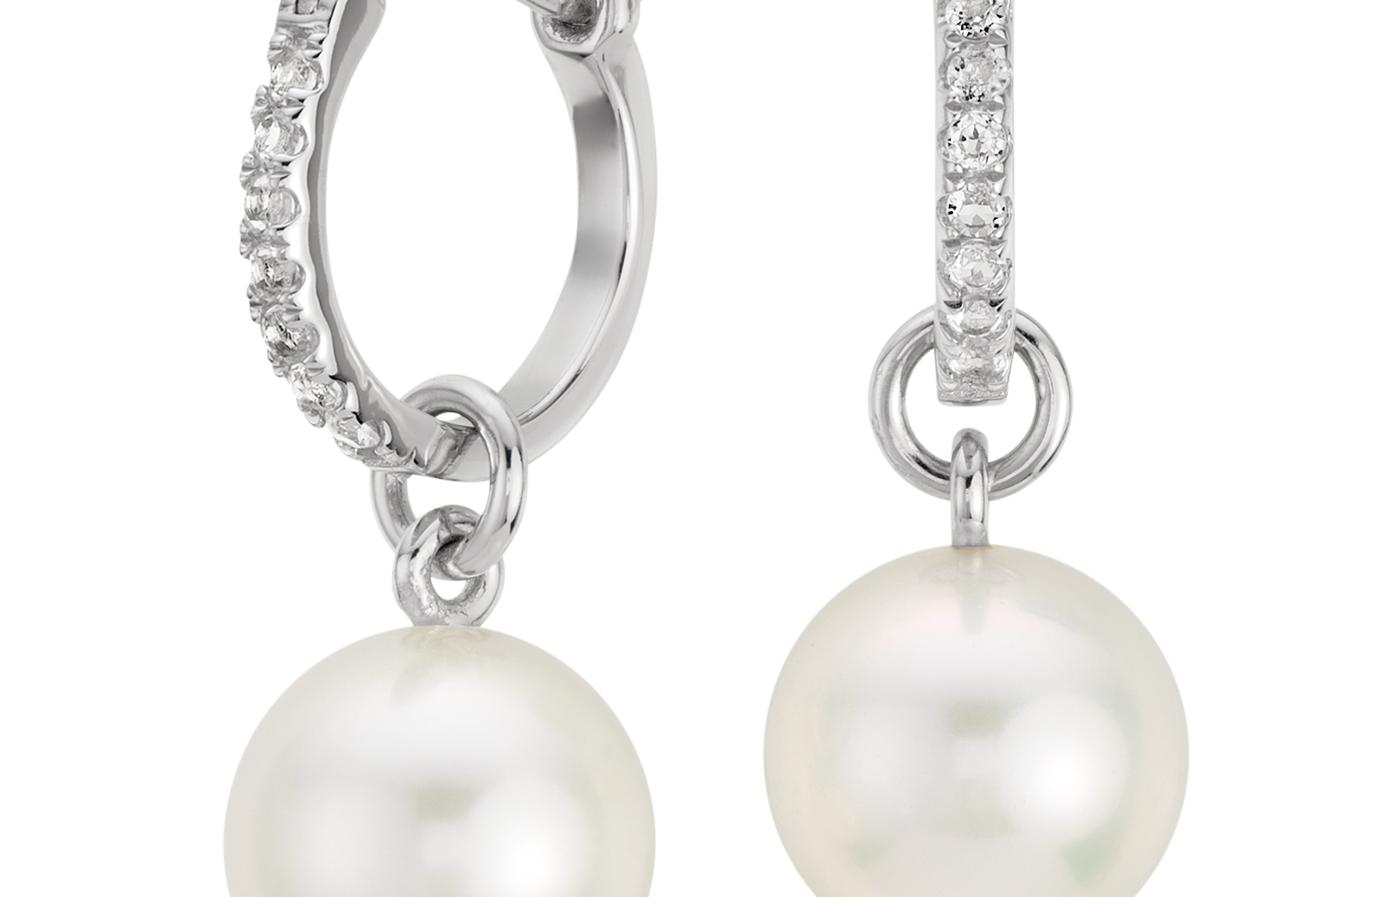 Pendants d'oreilles de perles de culture d'eau douce et anneau topaze blanche en argent sterling (9mm)